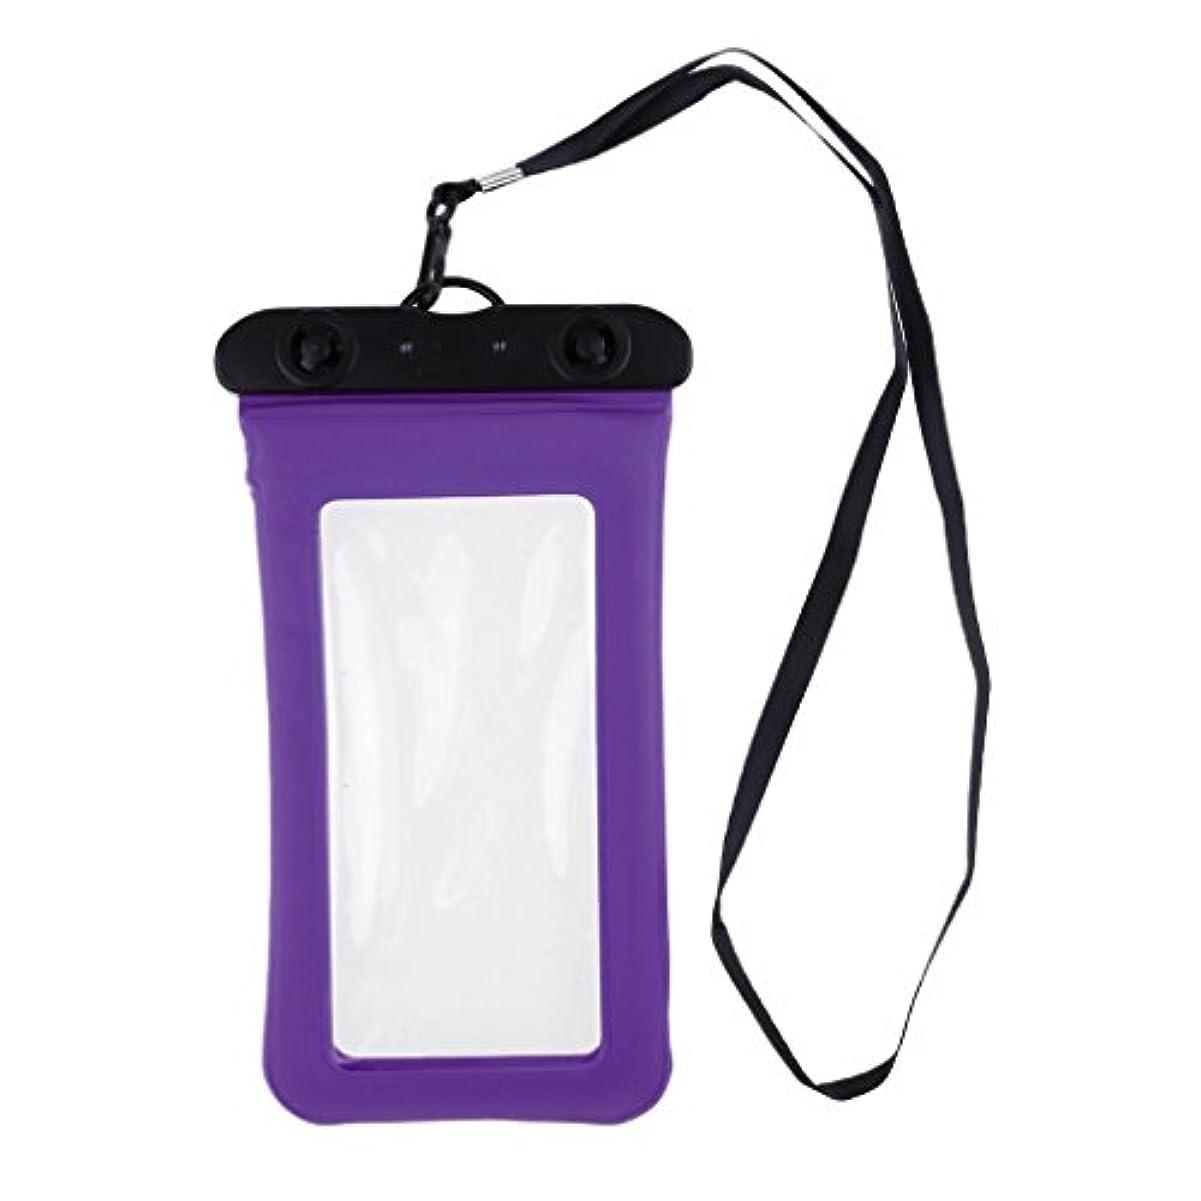 破壊するシェード個人的にT TOOYFUL 防水電話ケース スマートフォン防水バッグ 防水携帯電話ケース 透明 水中撮影 フローティング全9色